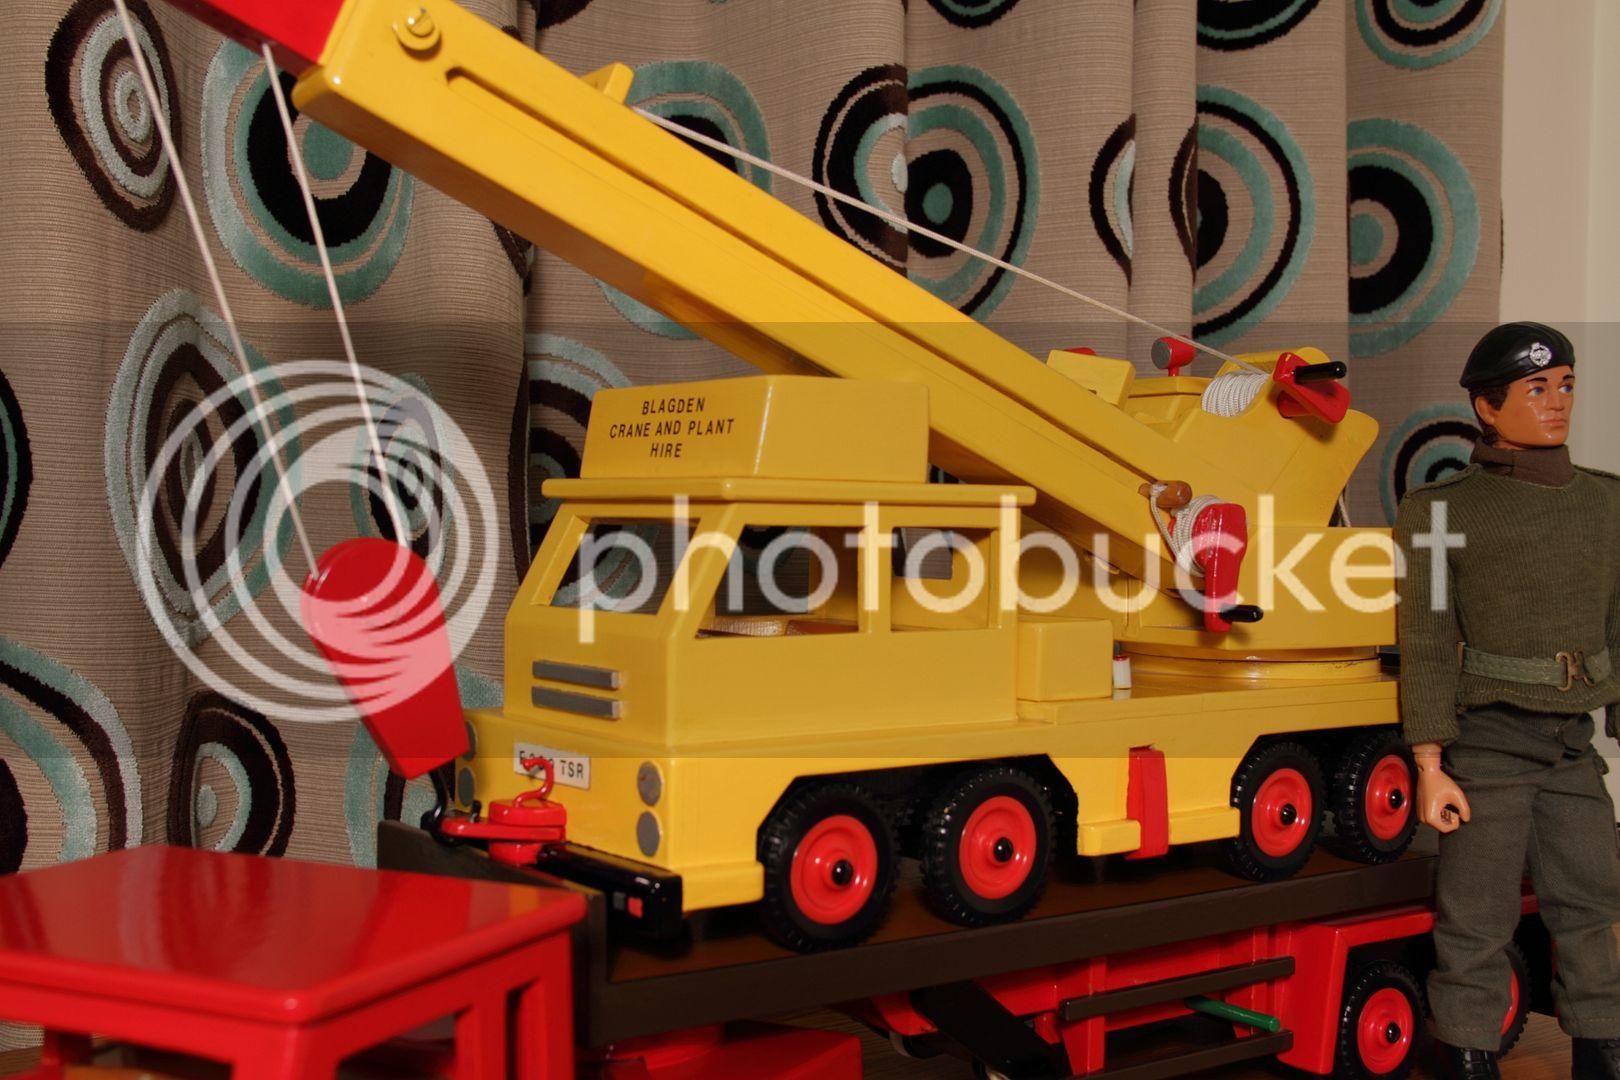 8os trucks jeeps tracktors ect. 002_zpskhax9d92